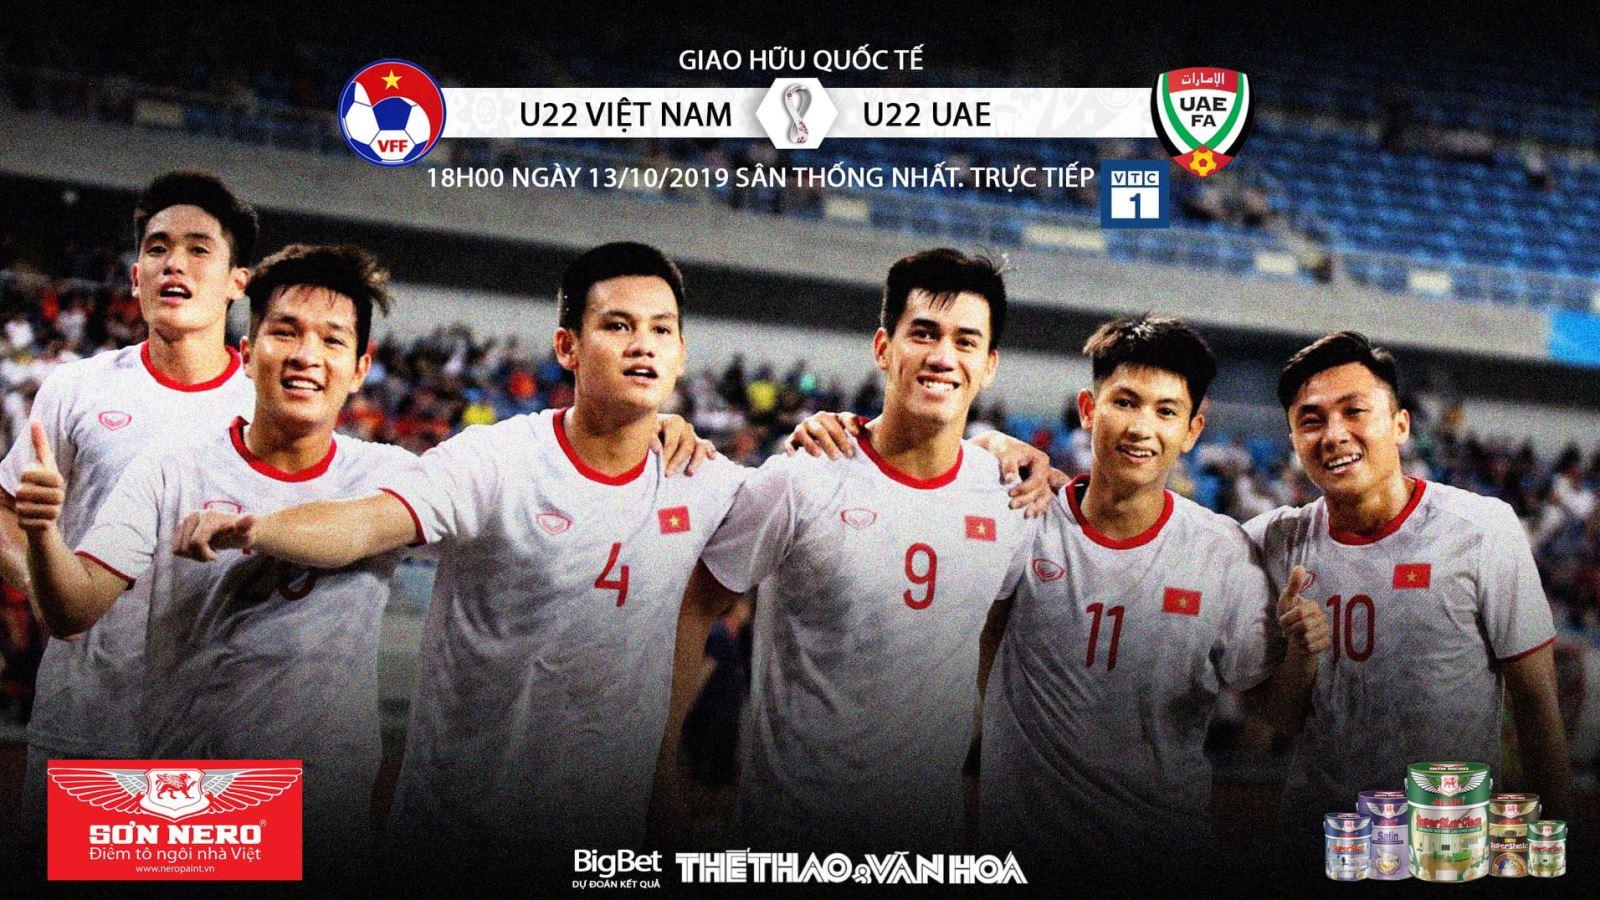 Soi kèo bóng đá U22 Việt Nam đấu với U22 UAE. Trực tiếp VTC1, VTC3